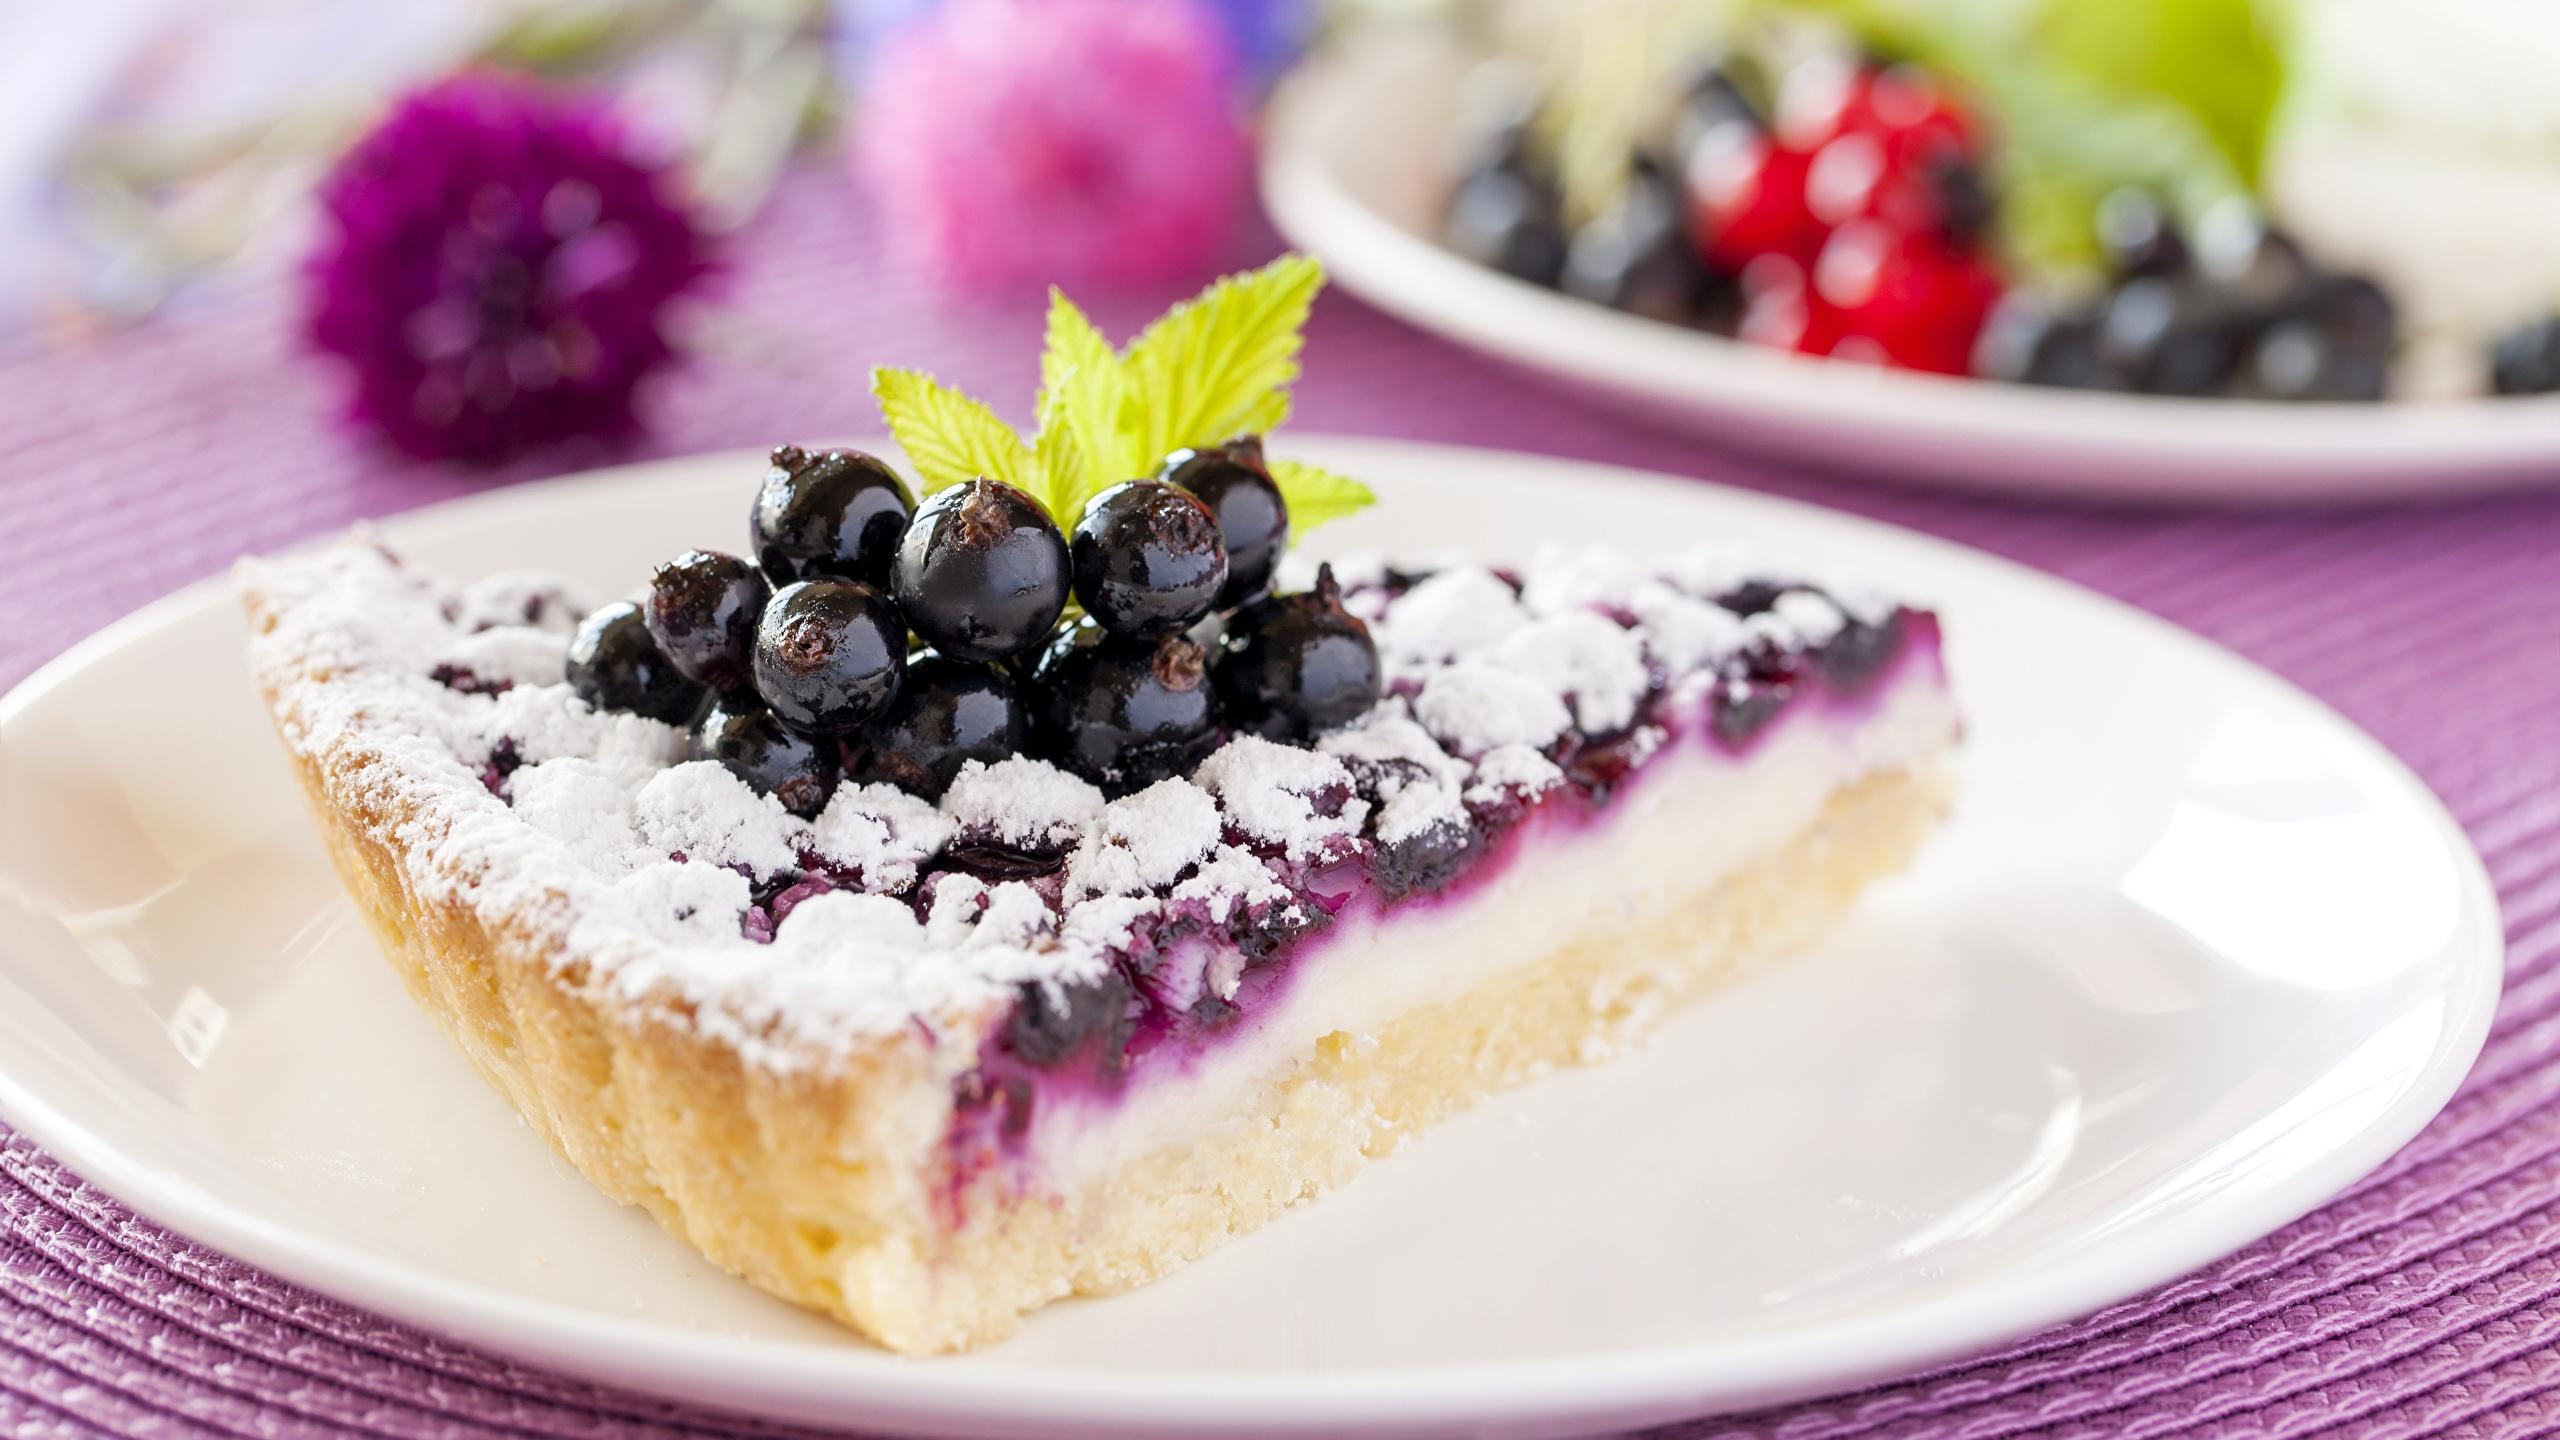 Фото Пирог кусочки Черника Еда тарелке 2560x1440 часть Кусок кусочек Пища Тарелка Продукты питания